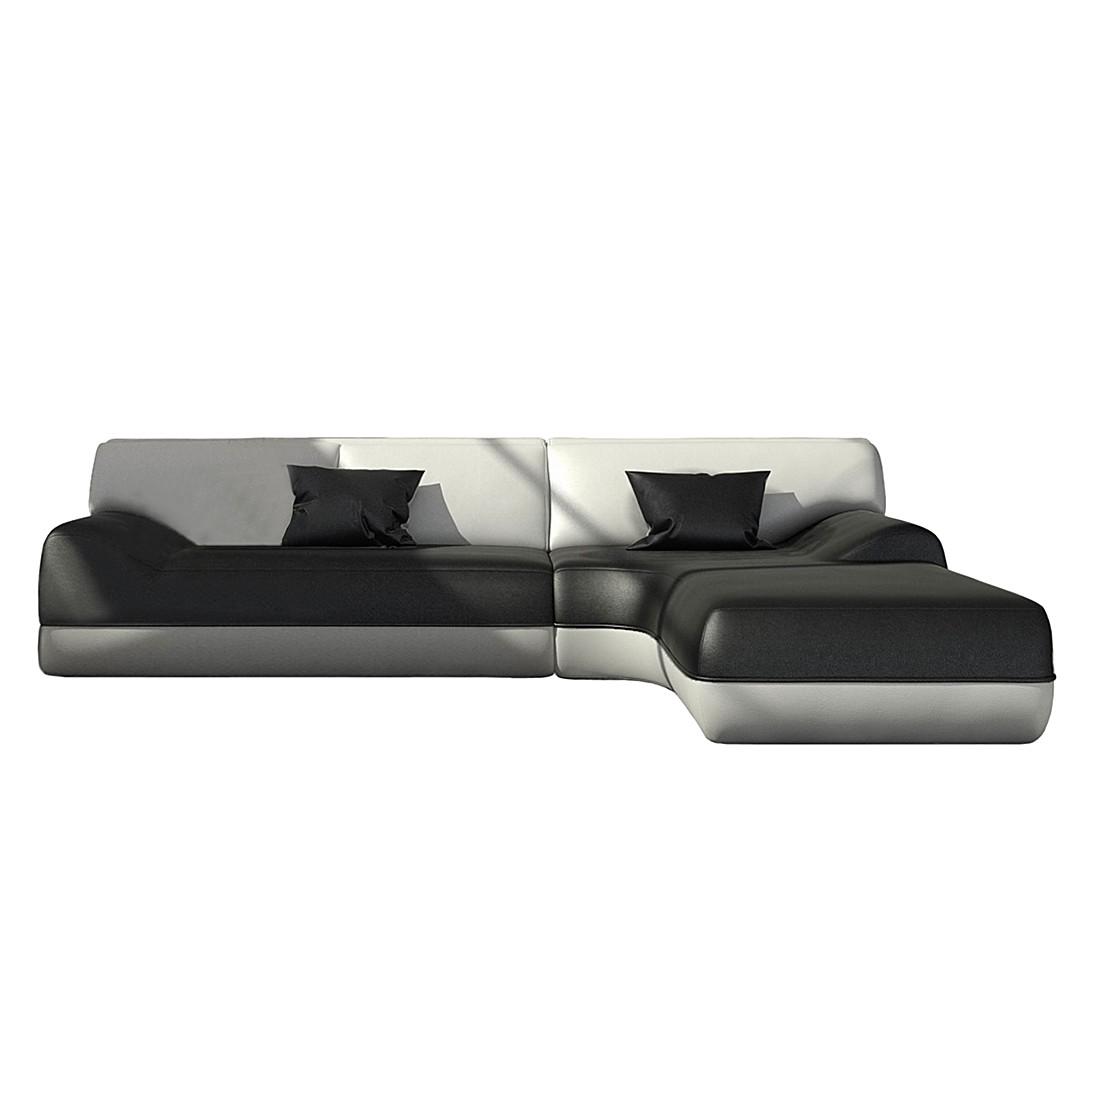 Ecksofa Vida – L-Form, Sofa Dreams online kaufen